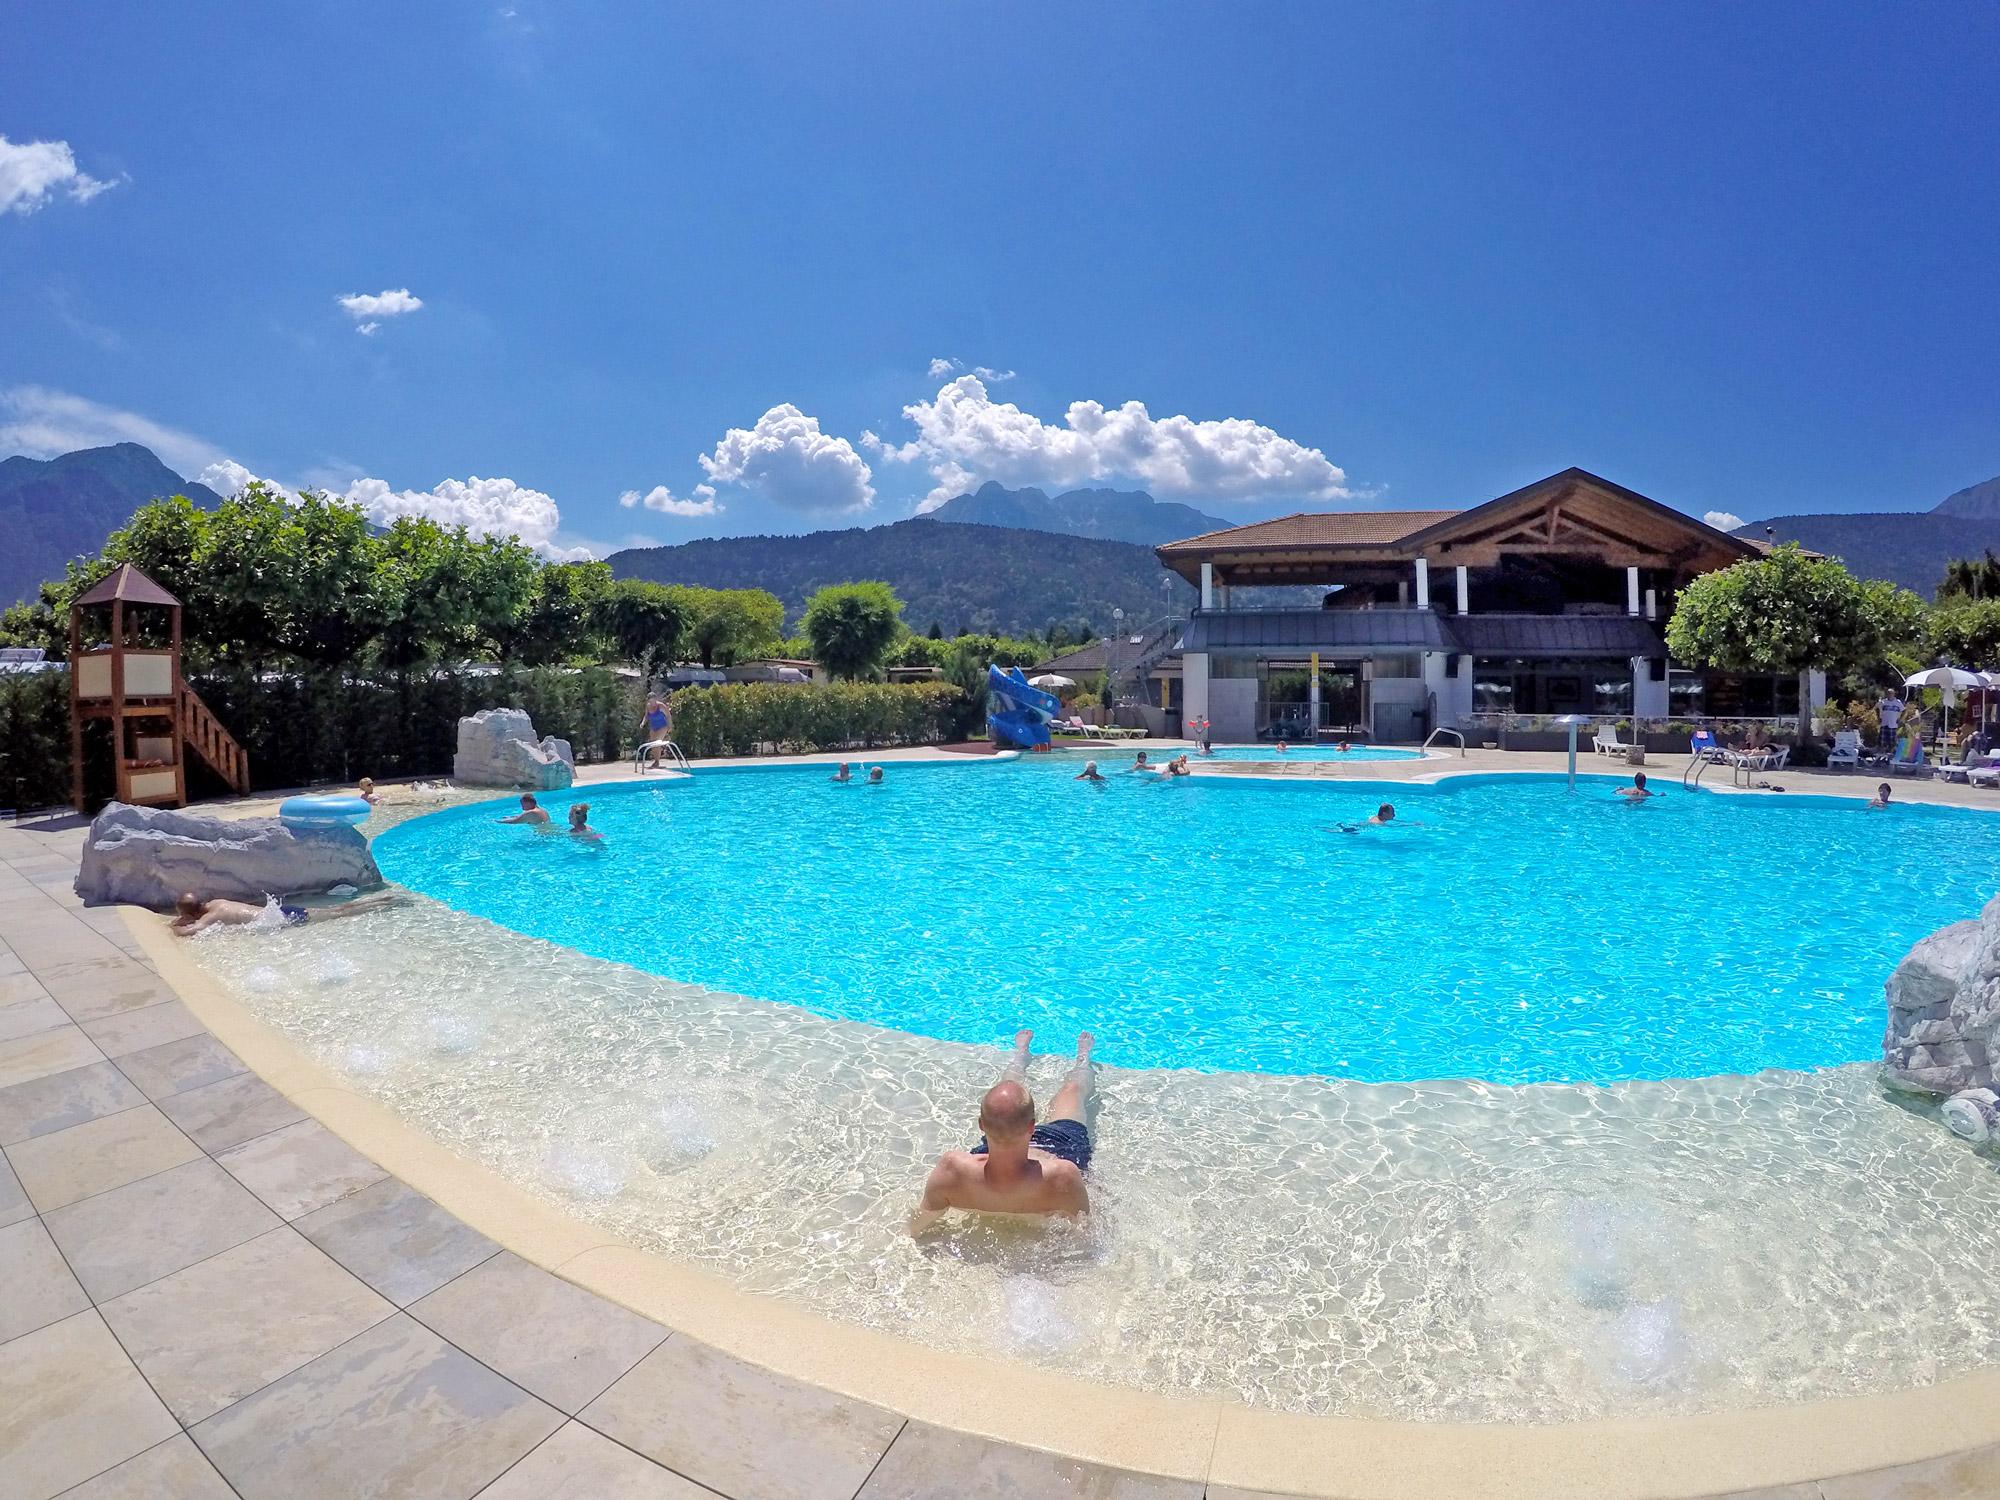 2016 uitbreiding en restyling rond het zwembad camping mario village - Ontwikkeling rond het zwembad ...